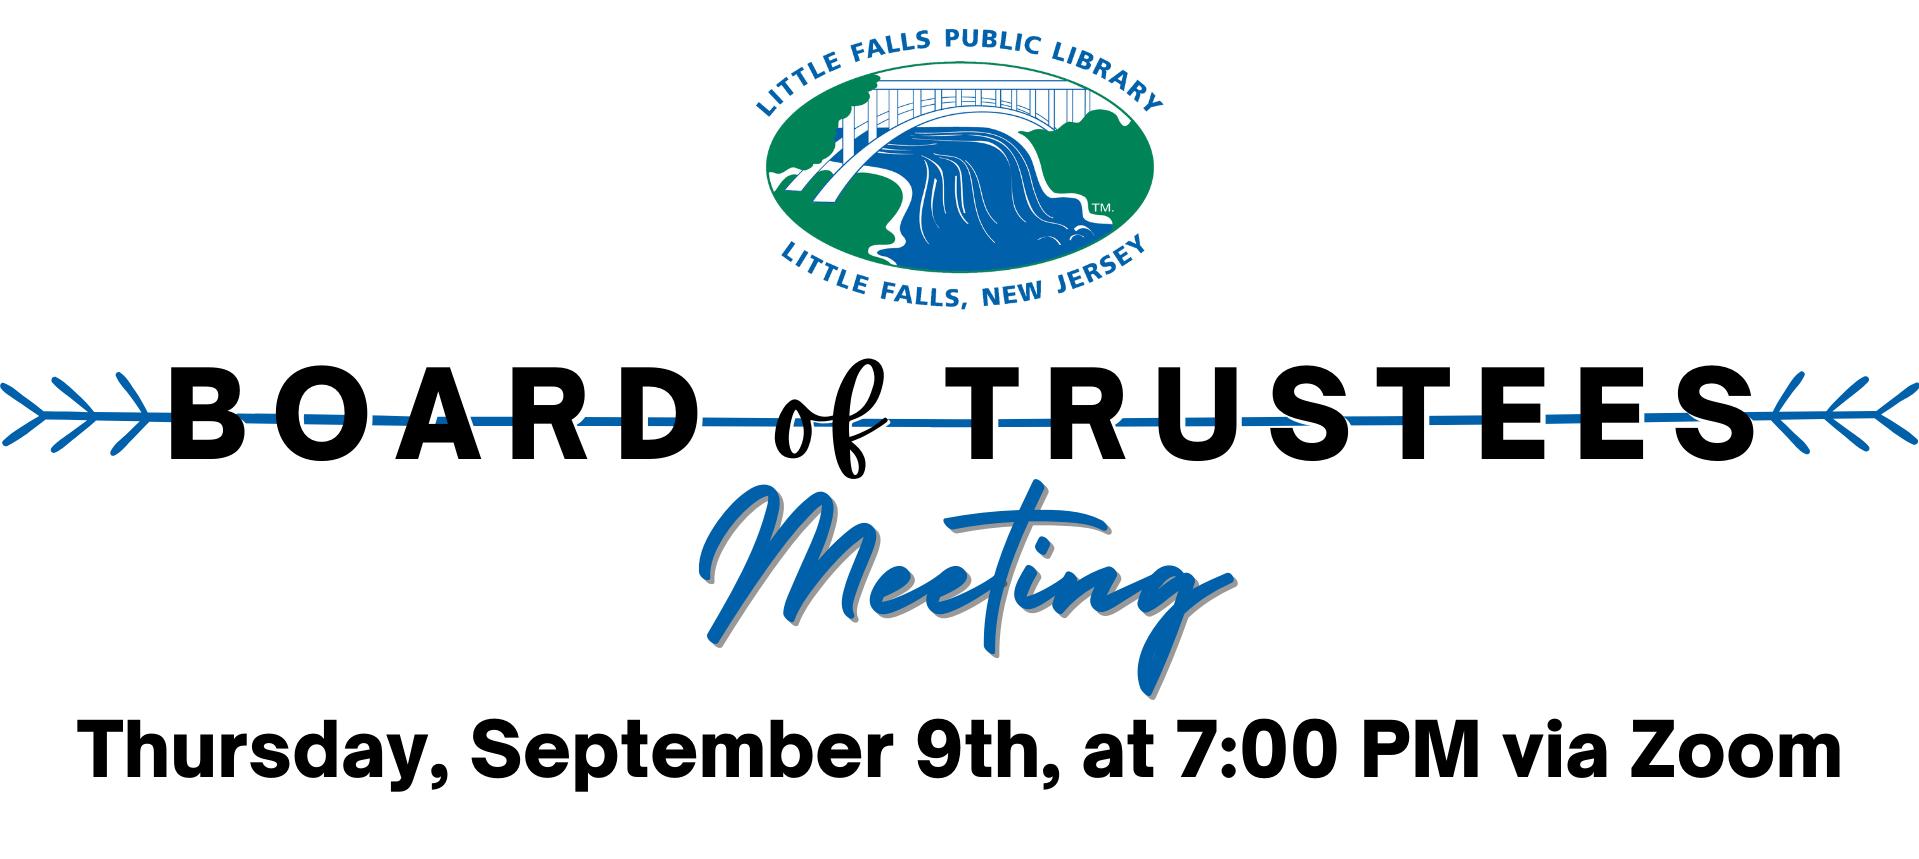 Board of Trustees board meeting link